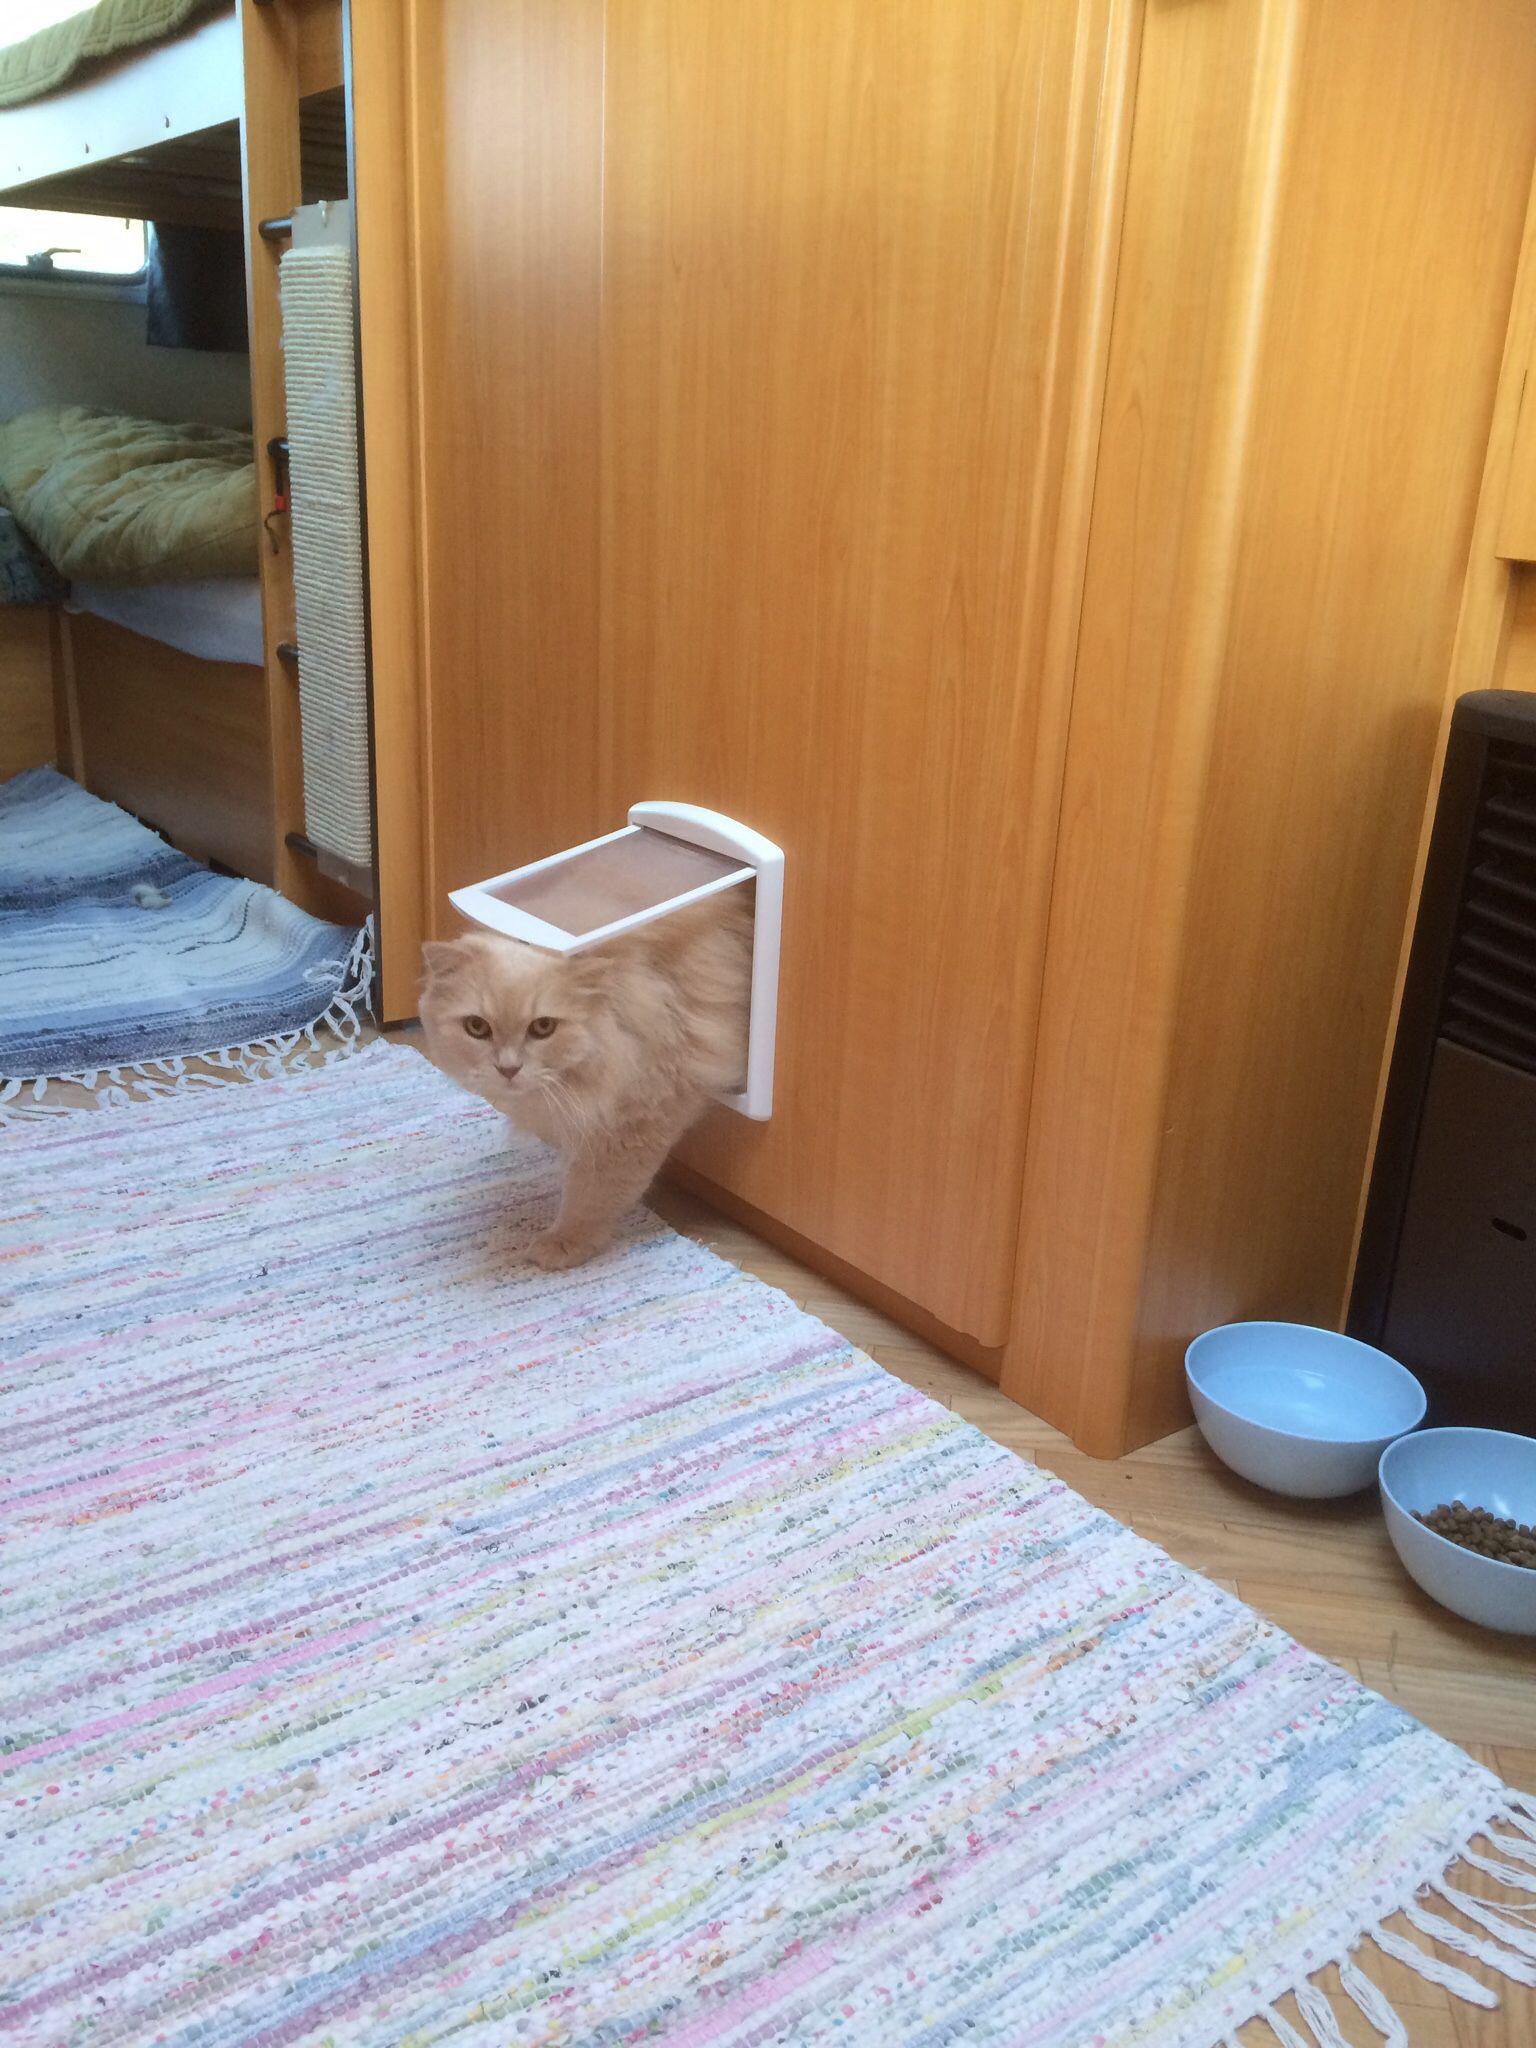 Cat door for toilet in my camper インテリア